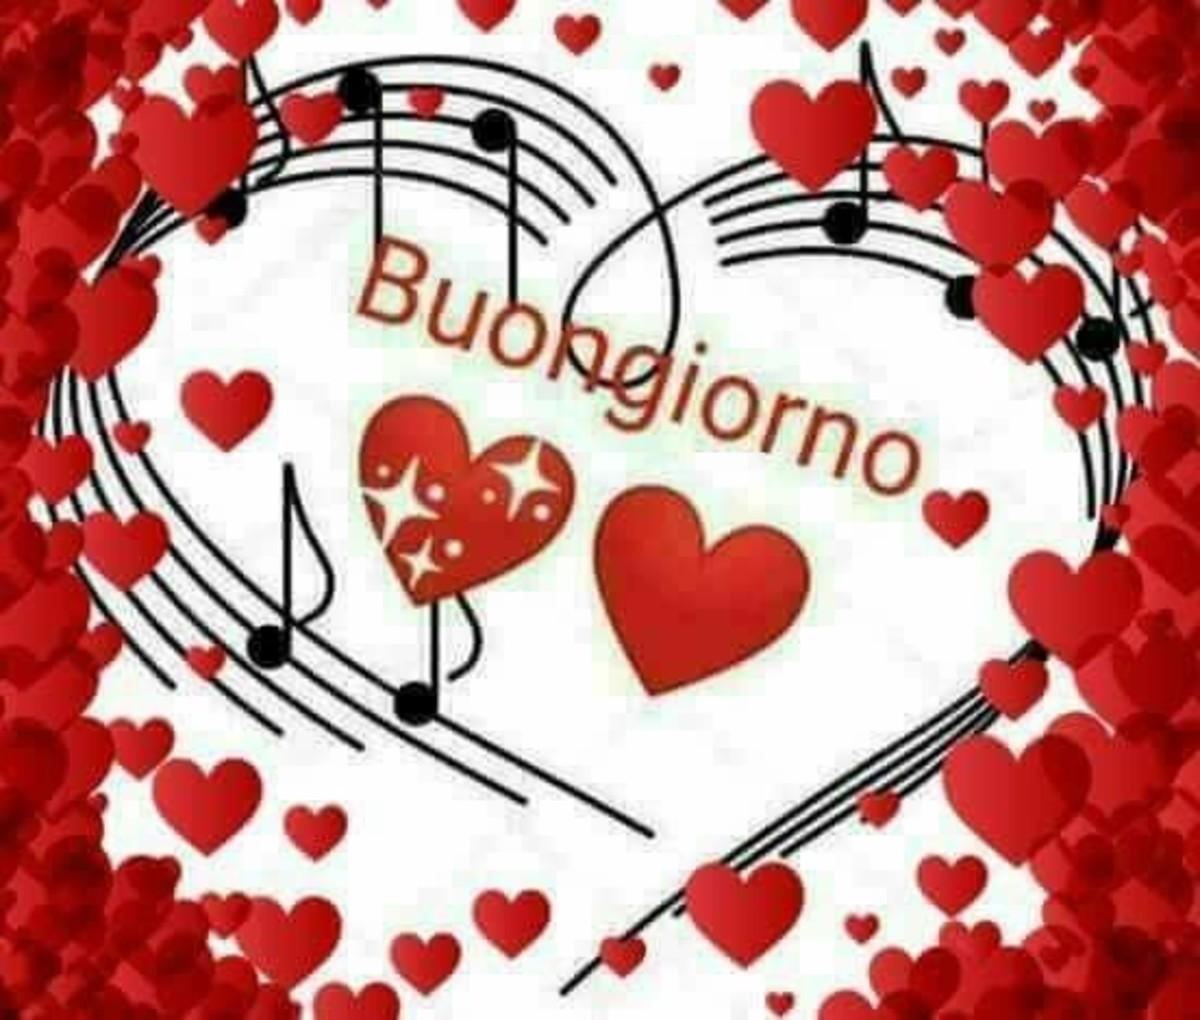 Buongiorno con amore (4)